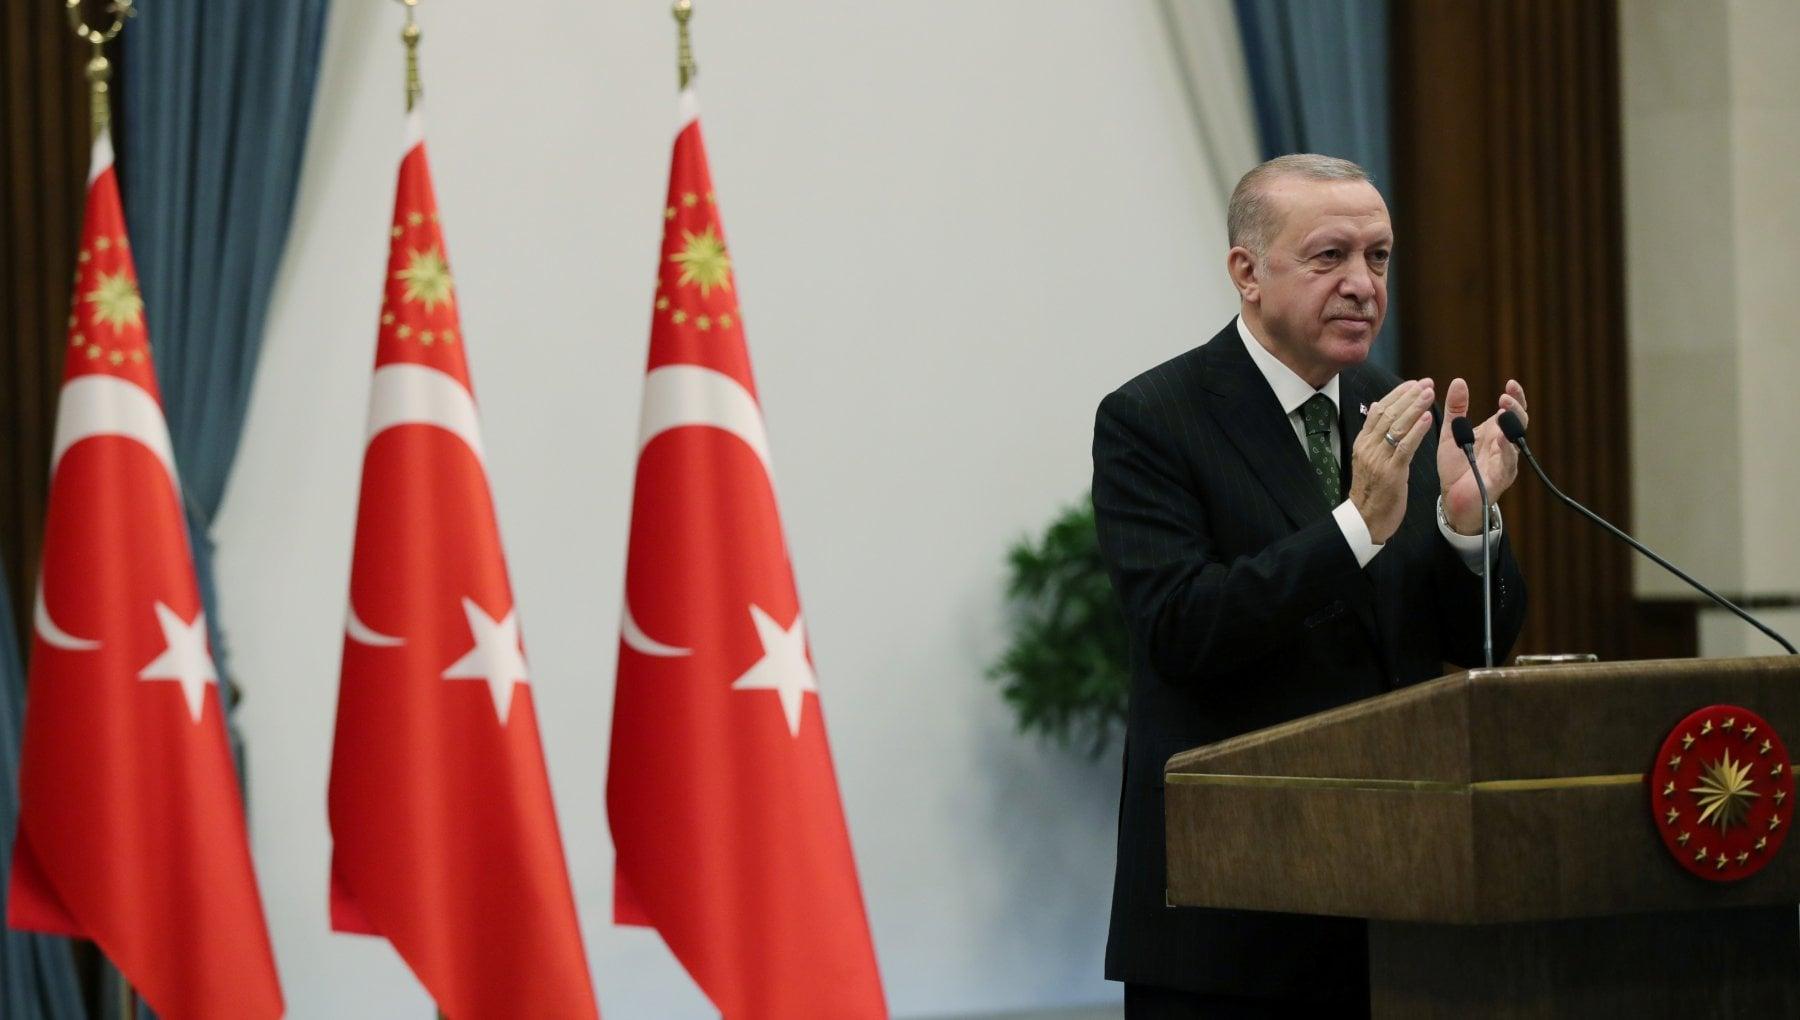 High tech e geopolitica cosi Erdogan e diventato il signore dei droni da guerra